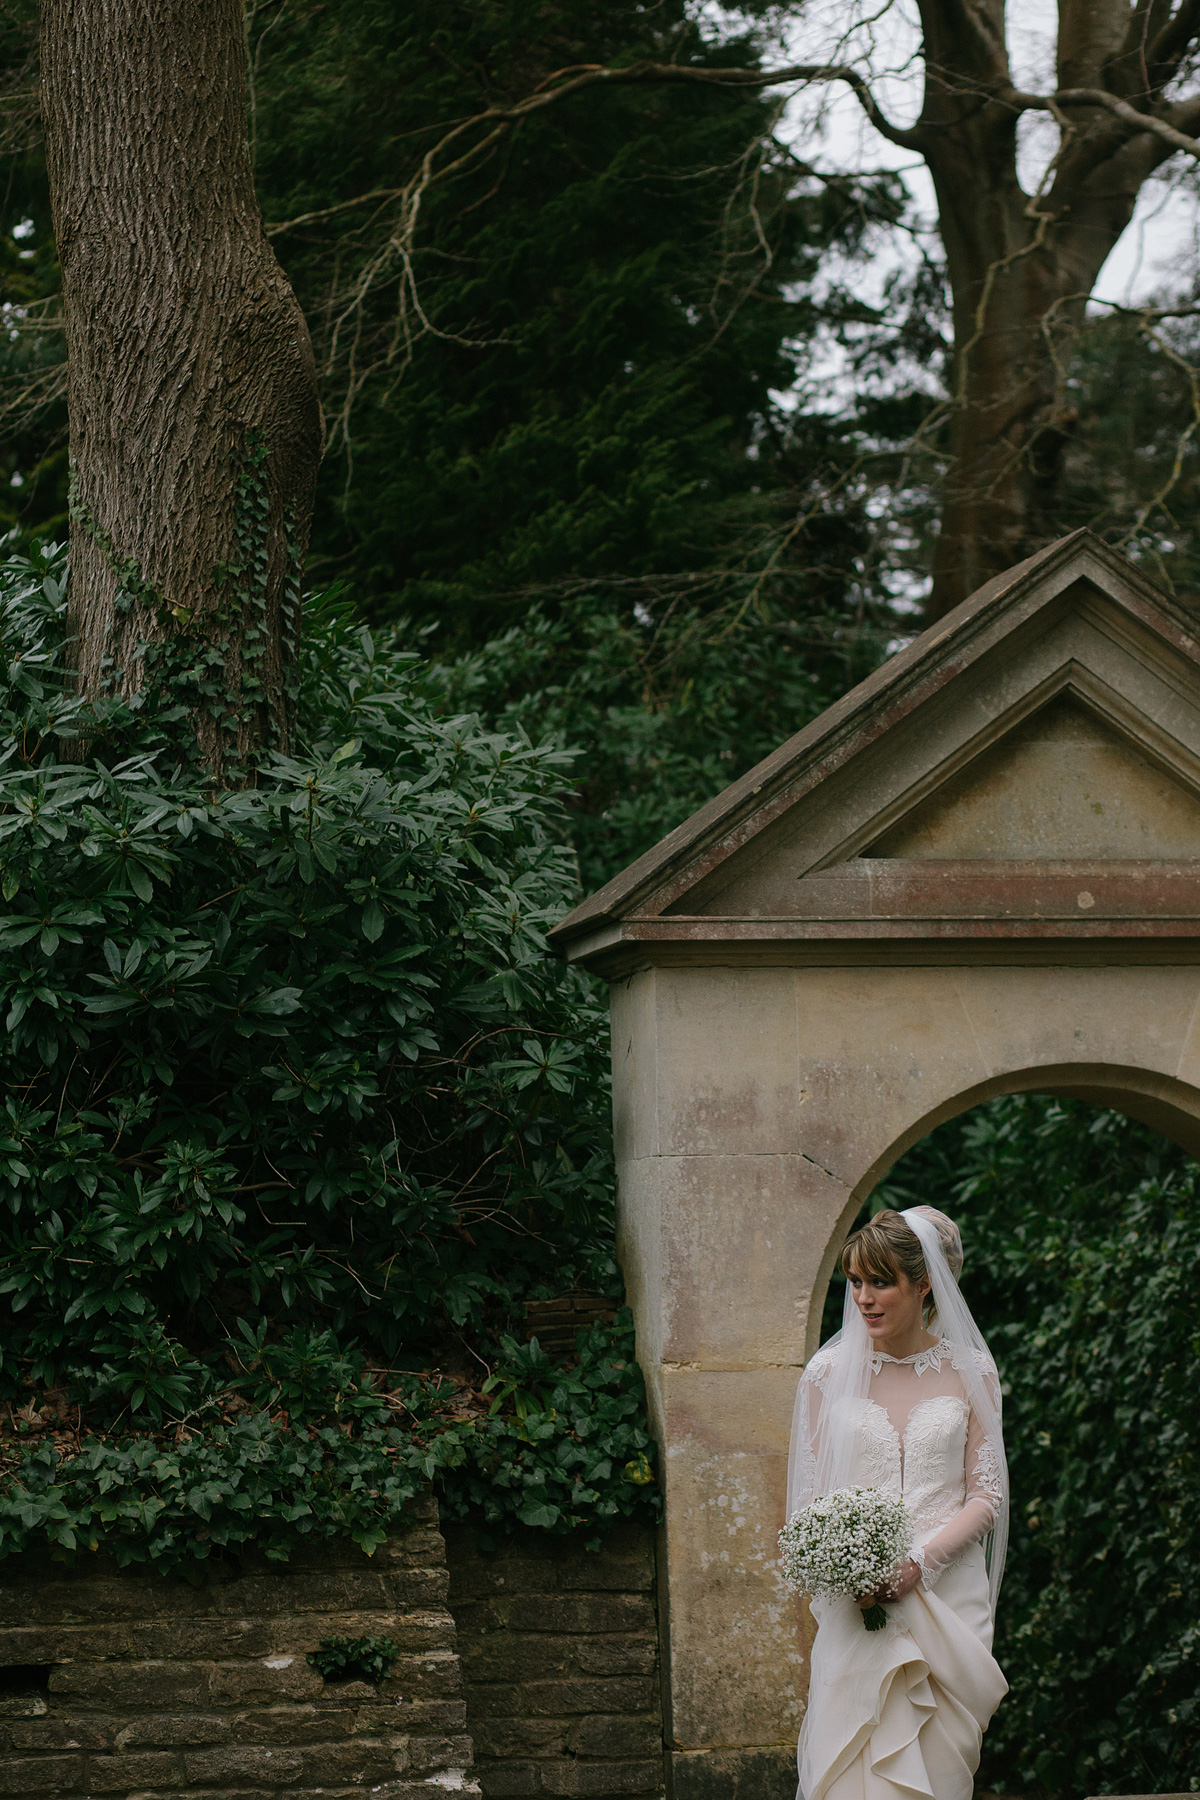 075-somerset-wedding-photographer-matt-bowen-at-the-retreat.jpg